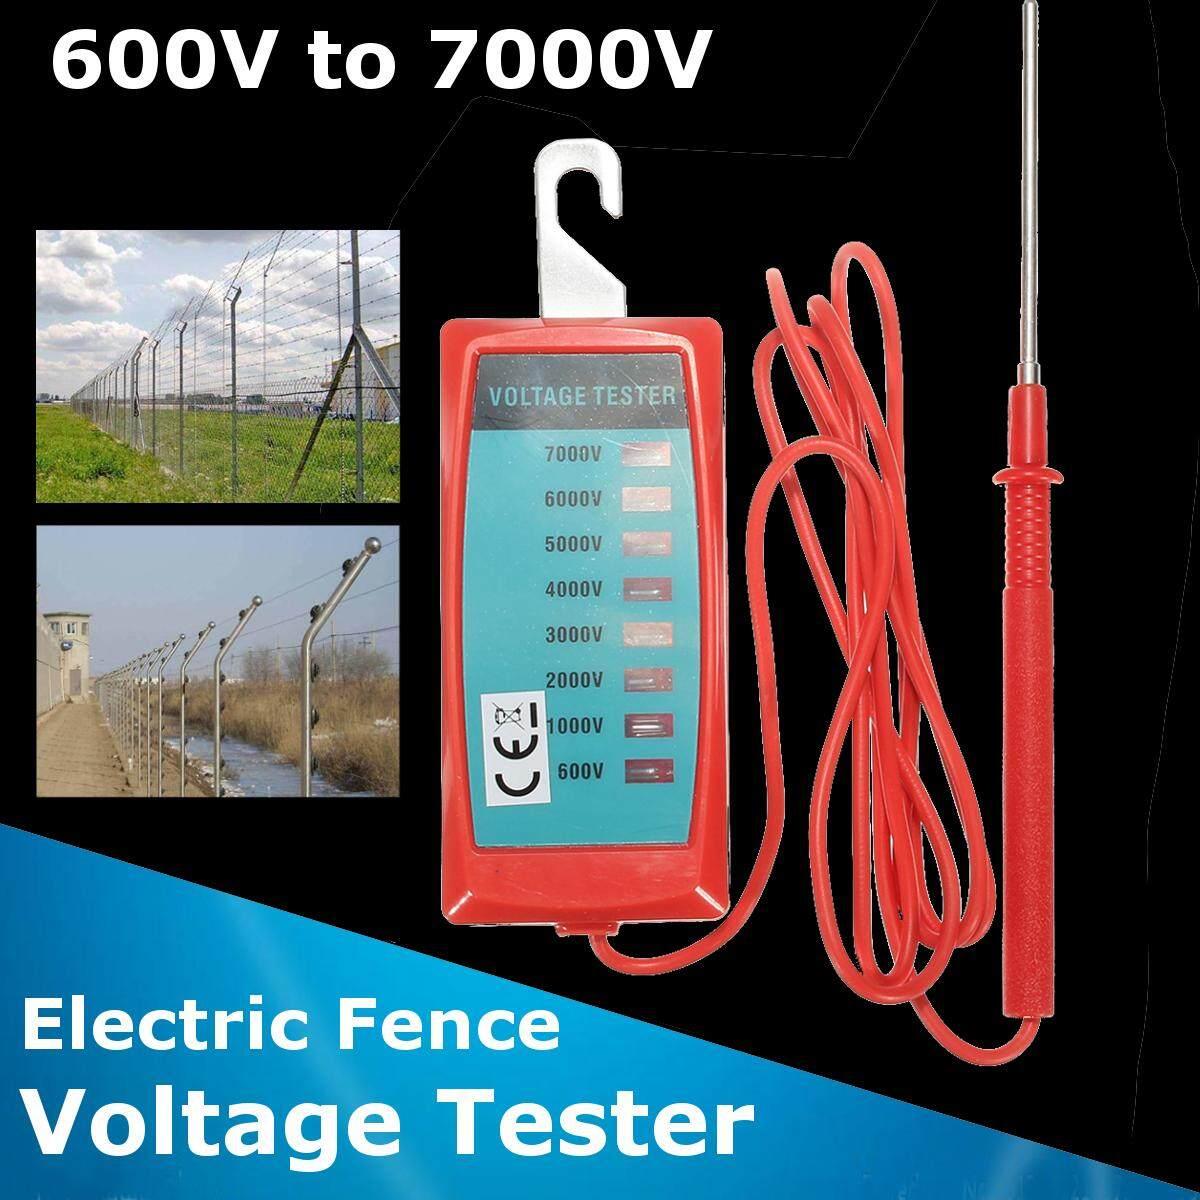 600V - 7000V Handheld Electric Fence Voltage Measure Tester Garden Tool 40x4.5cm